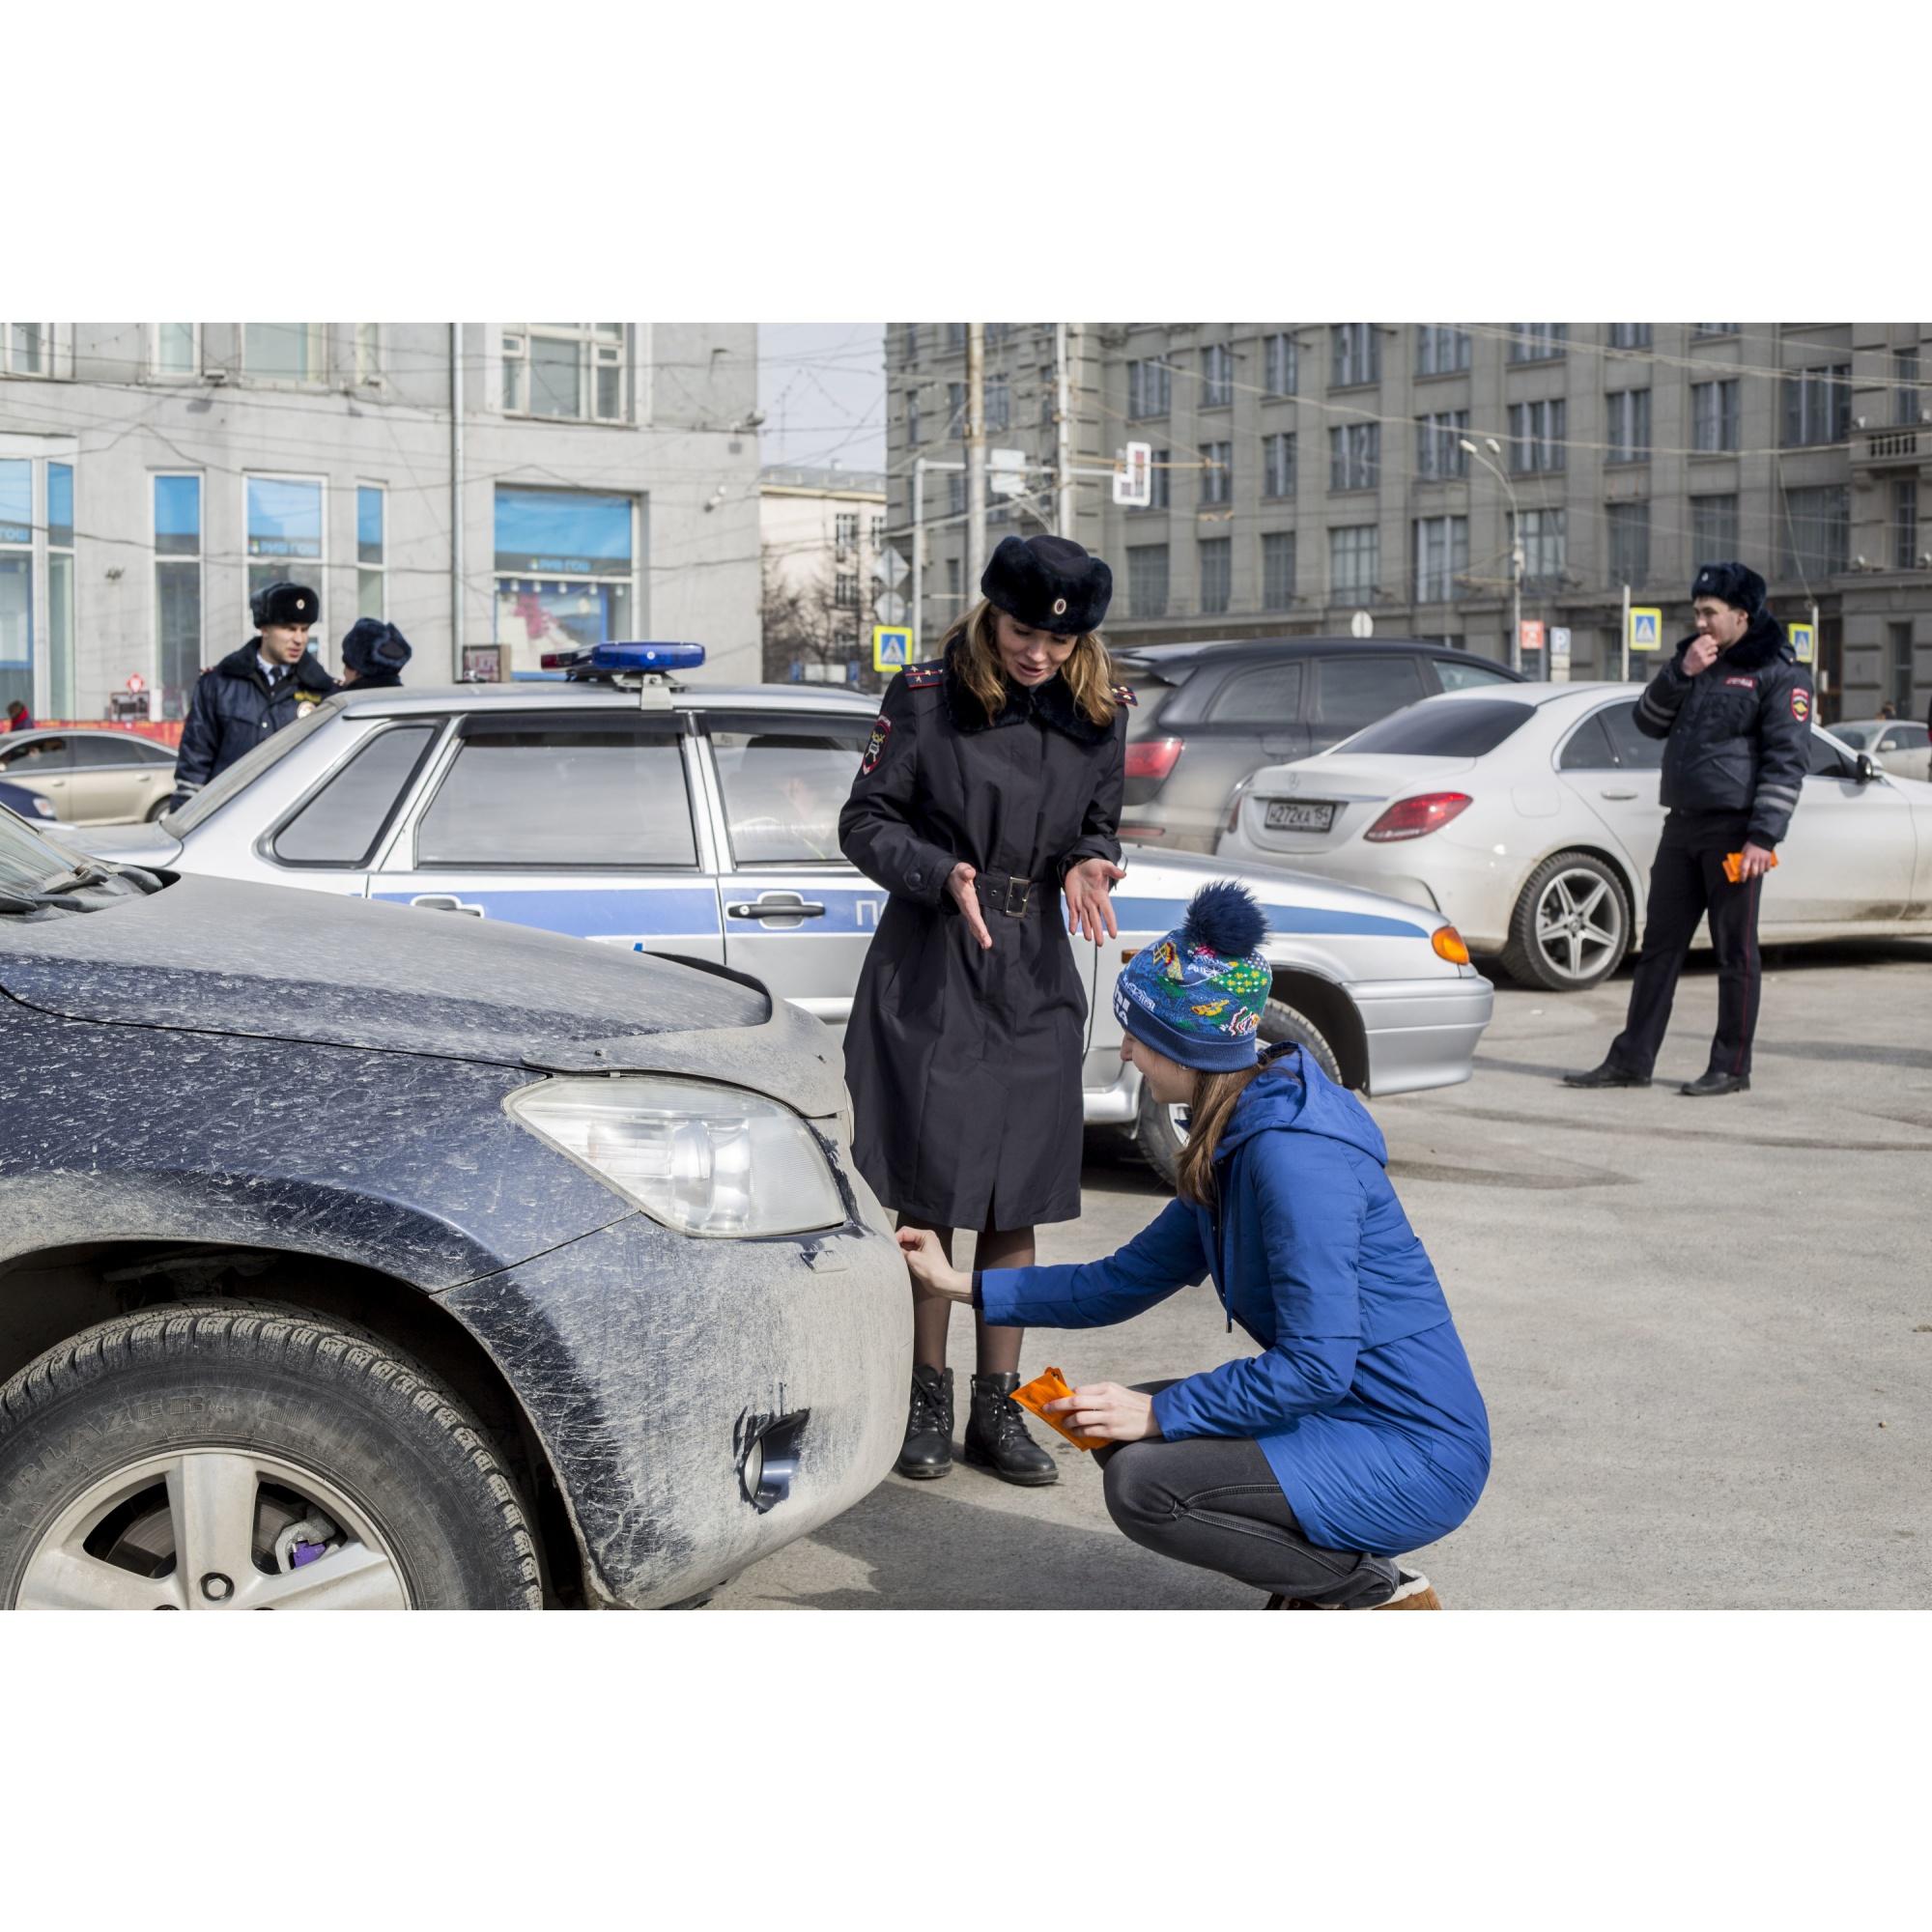 Автоинспекторы обращают внимание не только на грязные знаки, но и на те госномера, в которые владельцы могли внести незаконные изменения